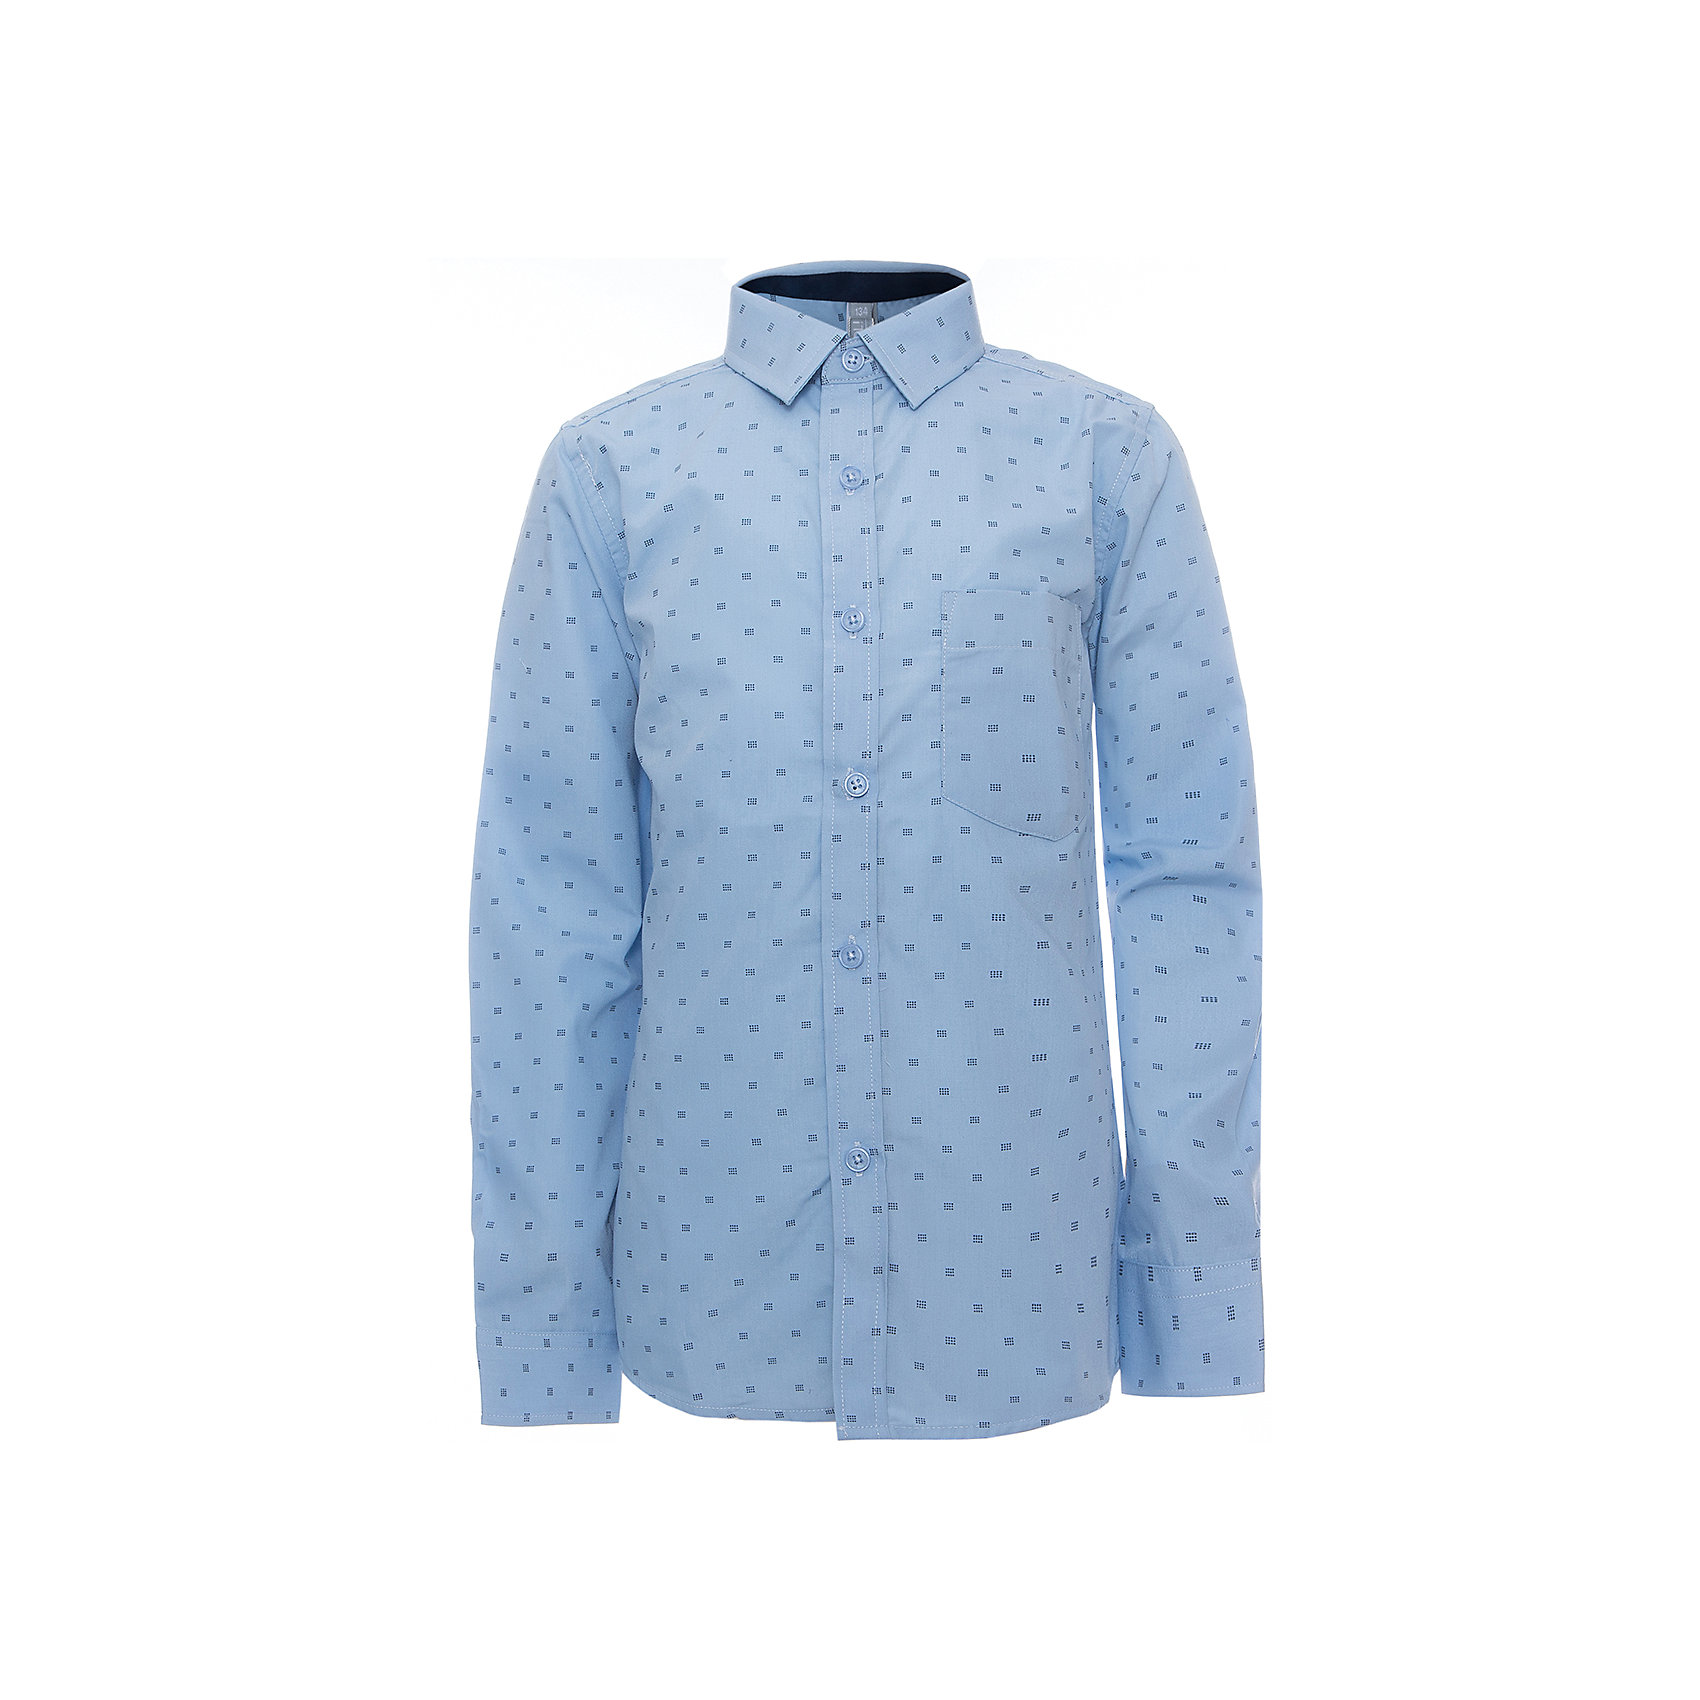 Рубашка для мальчика ScoolБлузки и рубашки<br>Рубашка для мальчика Scool<br>голубой, Сорочка с длинным рукавом в классическом стиле выполнена из приятной к телу смесовой ткани. Лекало этой модели полностью повторяет лекало модели для взрослого мужчины. Сорочка хорошо сочетается с костюмом в деловом стиле и джинсами.Преимущества: Модель с накладным карманомРукава сорочки с манжетами<br>Состав:<br>45% хлопок, 55% полиэстер<br><br>Ширина мм: 174<br>Глубина мм: 10<br>Высота мм: 169<br>Вес г: 157<br>Цвет: голубой<br>Возраст от месяцев: 156<br>Возраст до месяцев: 168<br>Пол: Мужской<br>Возраст: Детский<br>Размер: 164,122,128,134,140,146,152,158<br>SKU: 6754453